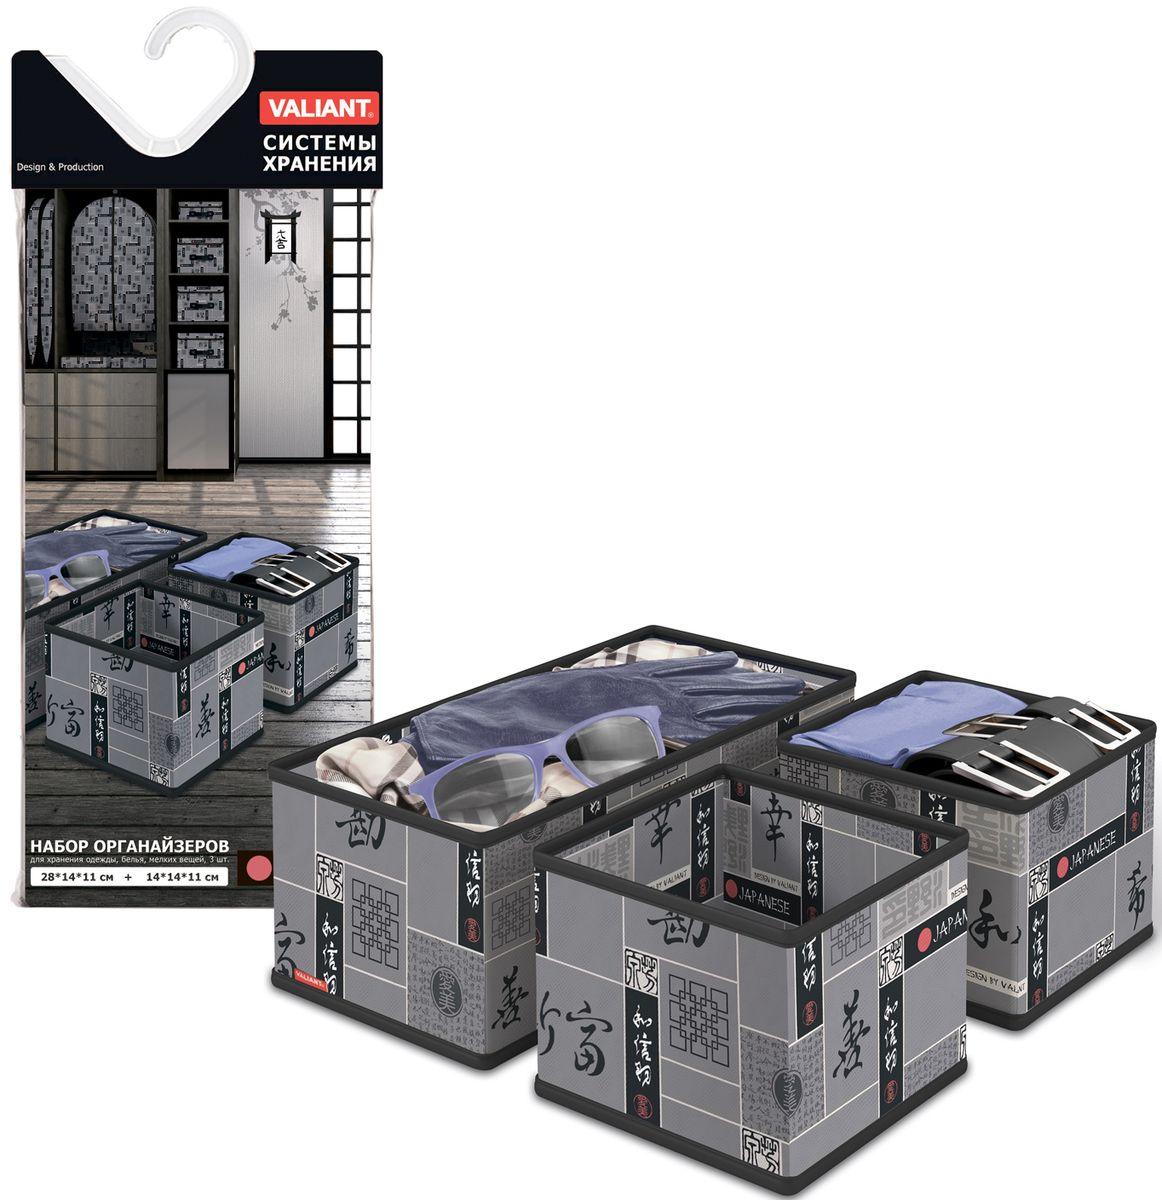 Набор органайзеров Valiant Japanese Black, 3 штJB-S3Набор Valiant Japanese Black состоит из трех органайзеров для хранения аксессуаров. Изделия выполнены из высококачественного нетканого материала (спанбонда), который обеспечивает естественную вентиляцию, позволяя воздуху проникать внутрь, но не пропускает пыль. Вставки из плотного картона хорошо держат форму.Система хранения Japanese Black создаст трогательную атмосферу романтического настроения. Оригинальный дизайн придется по вкусу ценительницам эстетичного хранения. Размер органайзеров: 28 х 14 х 11 см, 14 х 14 х 11 см.